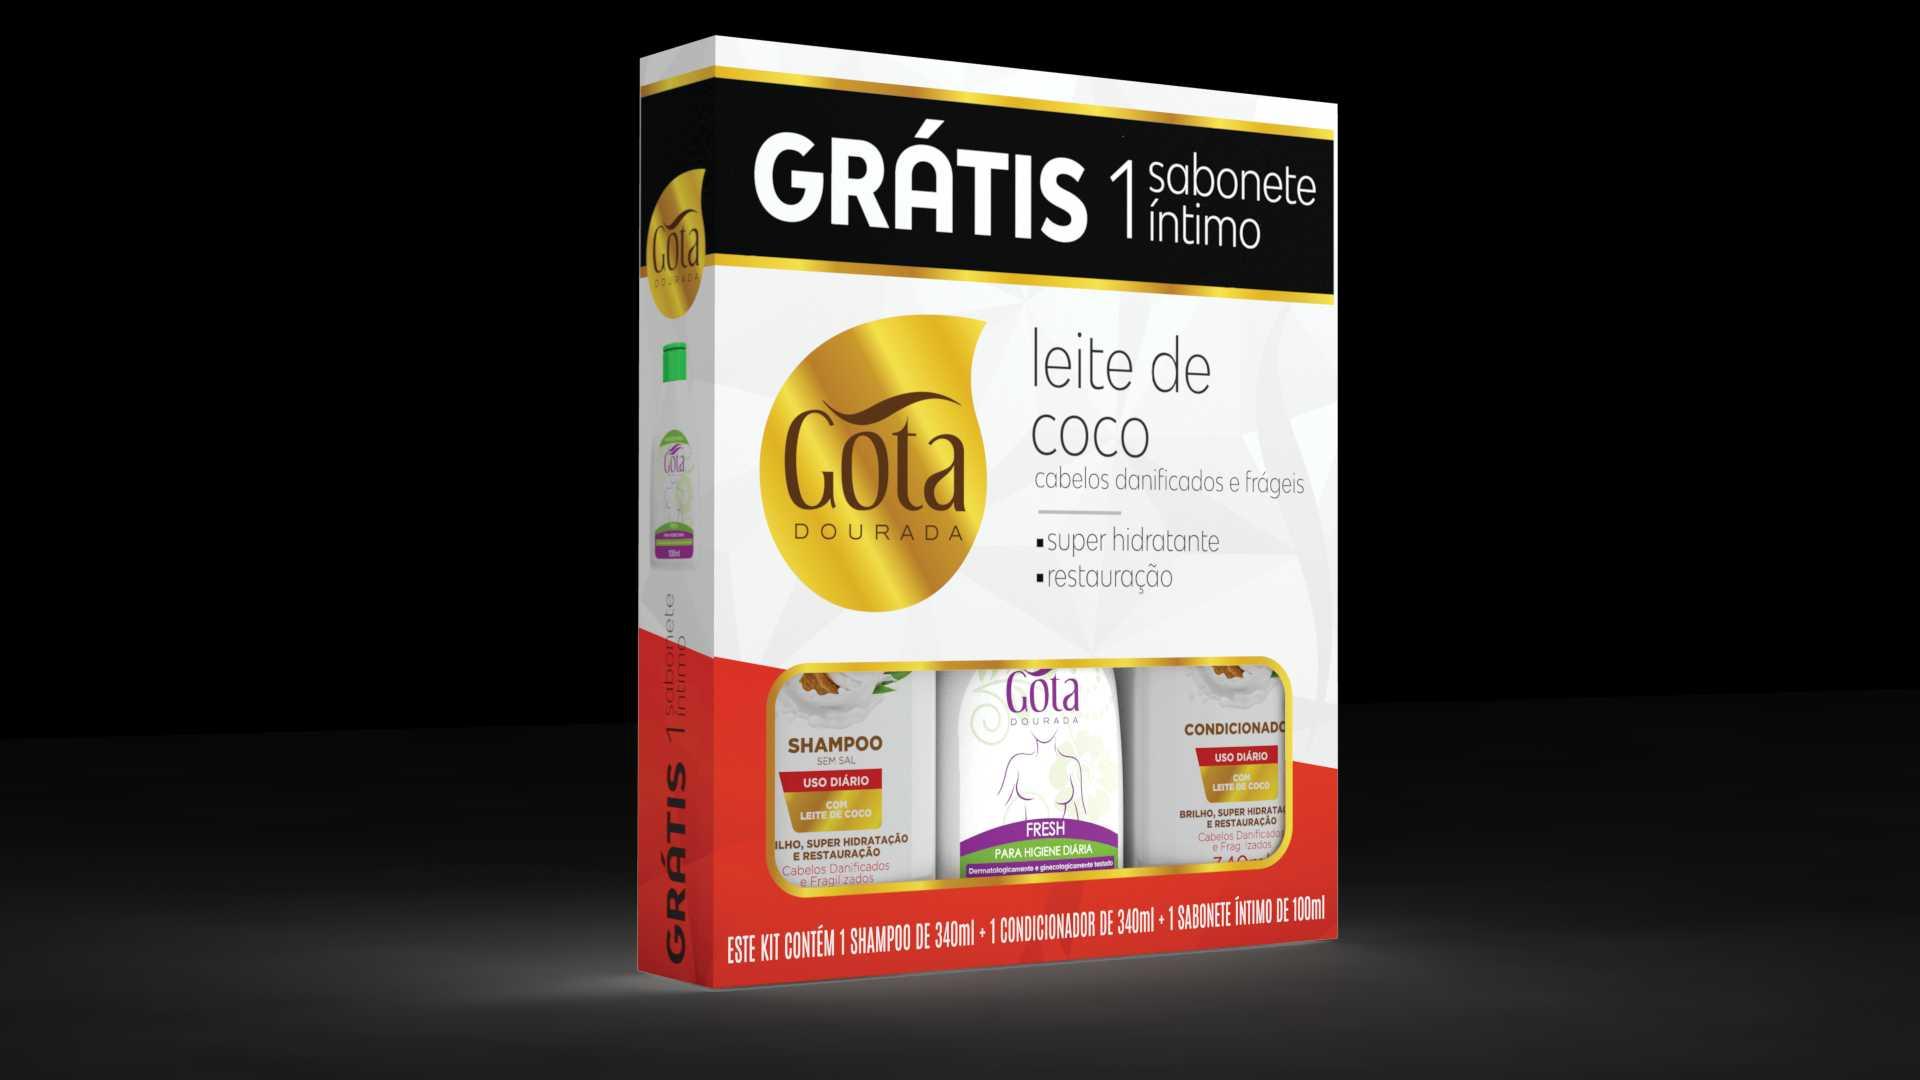 KIT SHAMPOO + CONDICIONADOR LEITE DE COCO 340ML GRÁTIS 1 SABONETE LÍQUIDO ÍNTIMO 100ML - GOTA DOURADA